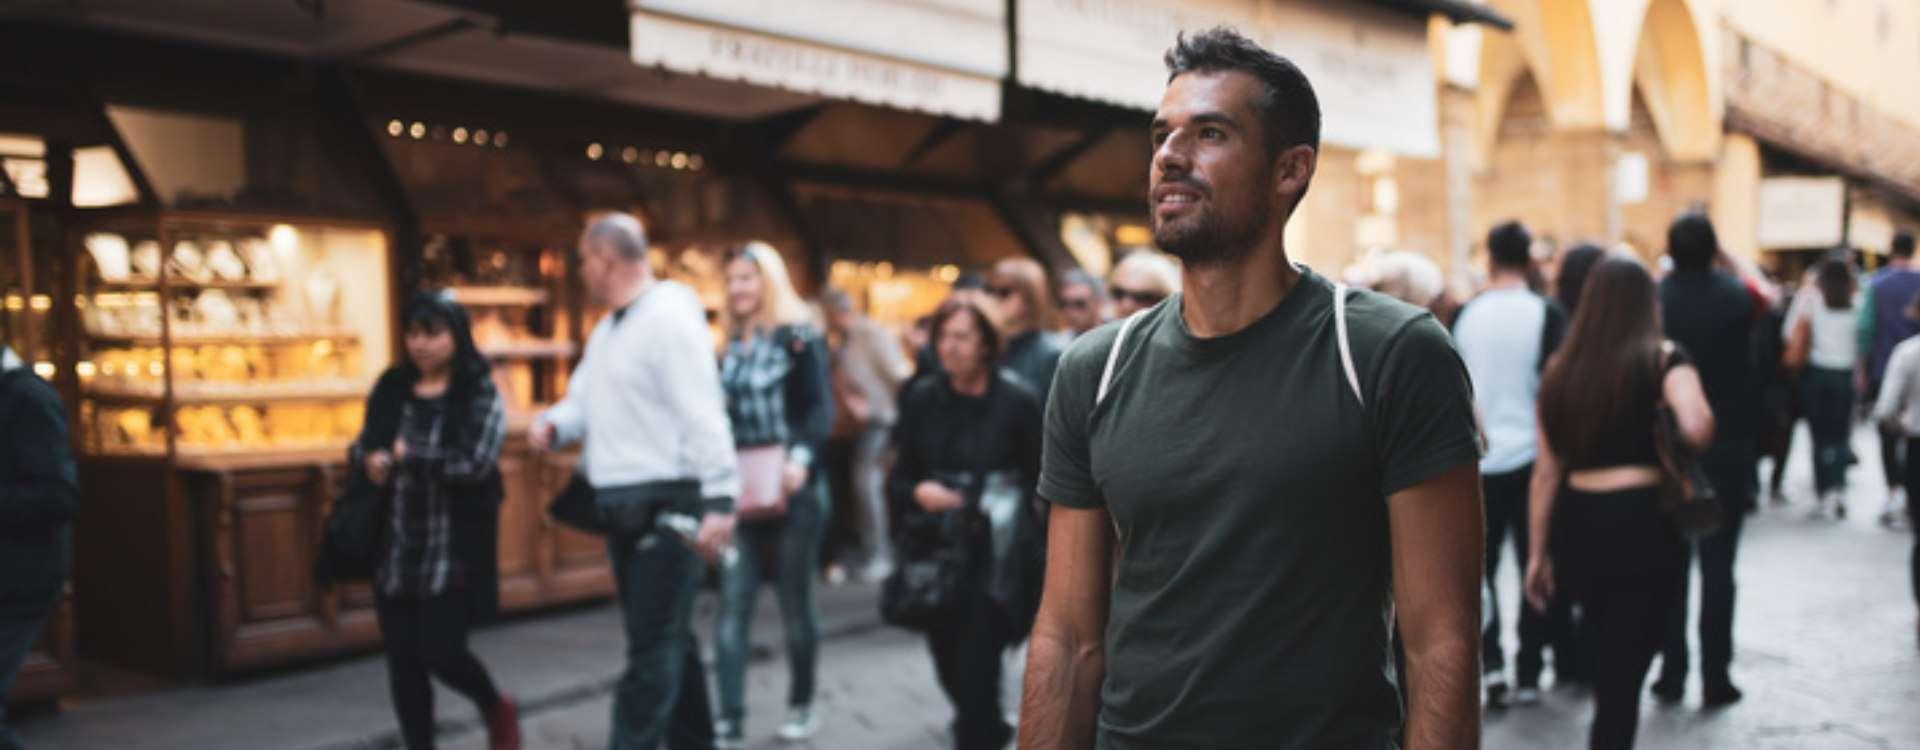 Comment faire des rencontres quand on est nouveau dans une ville ? 7 tuyaux